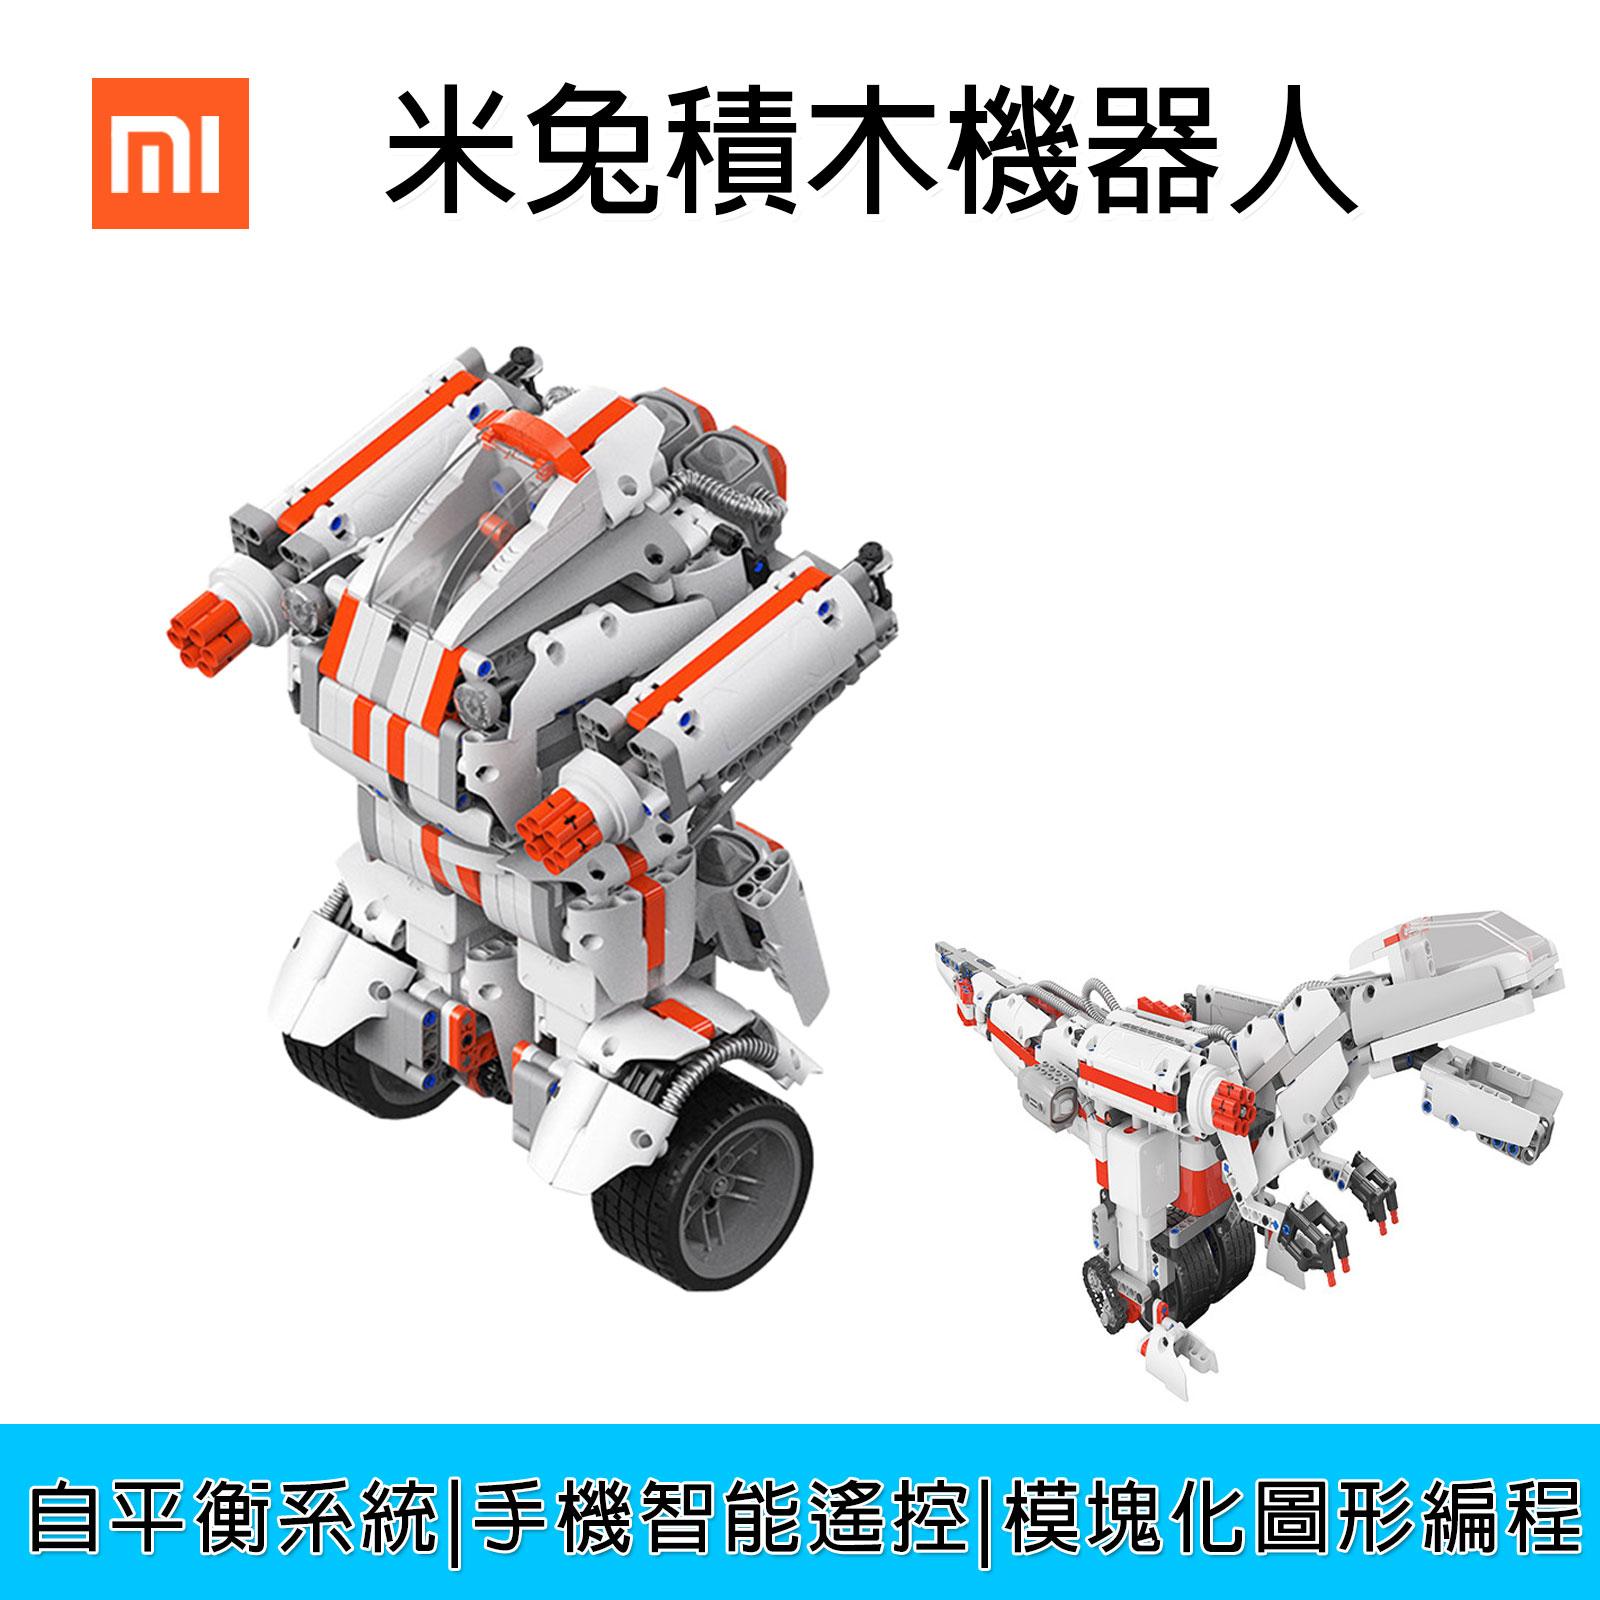 【原廠正品】米兔積木機器人 兒童益智 樂高機器人 遙控【O3355】☆雙兒網☆ 1